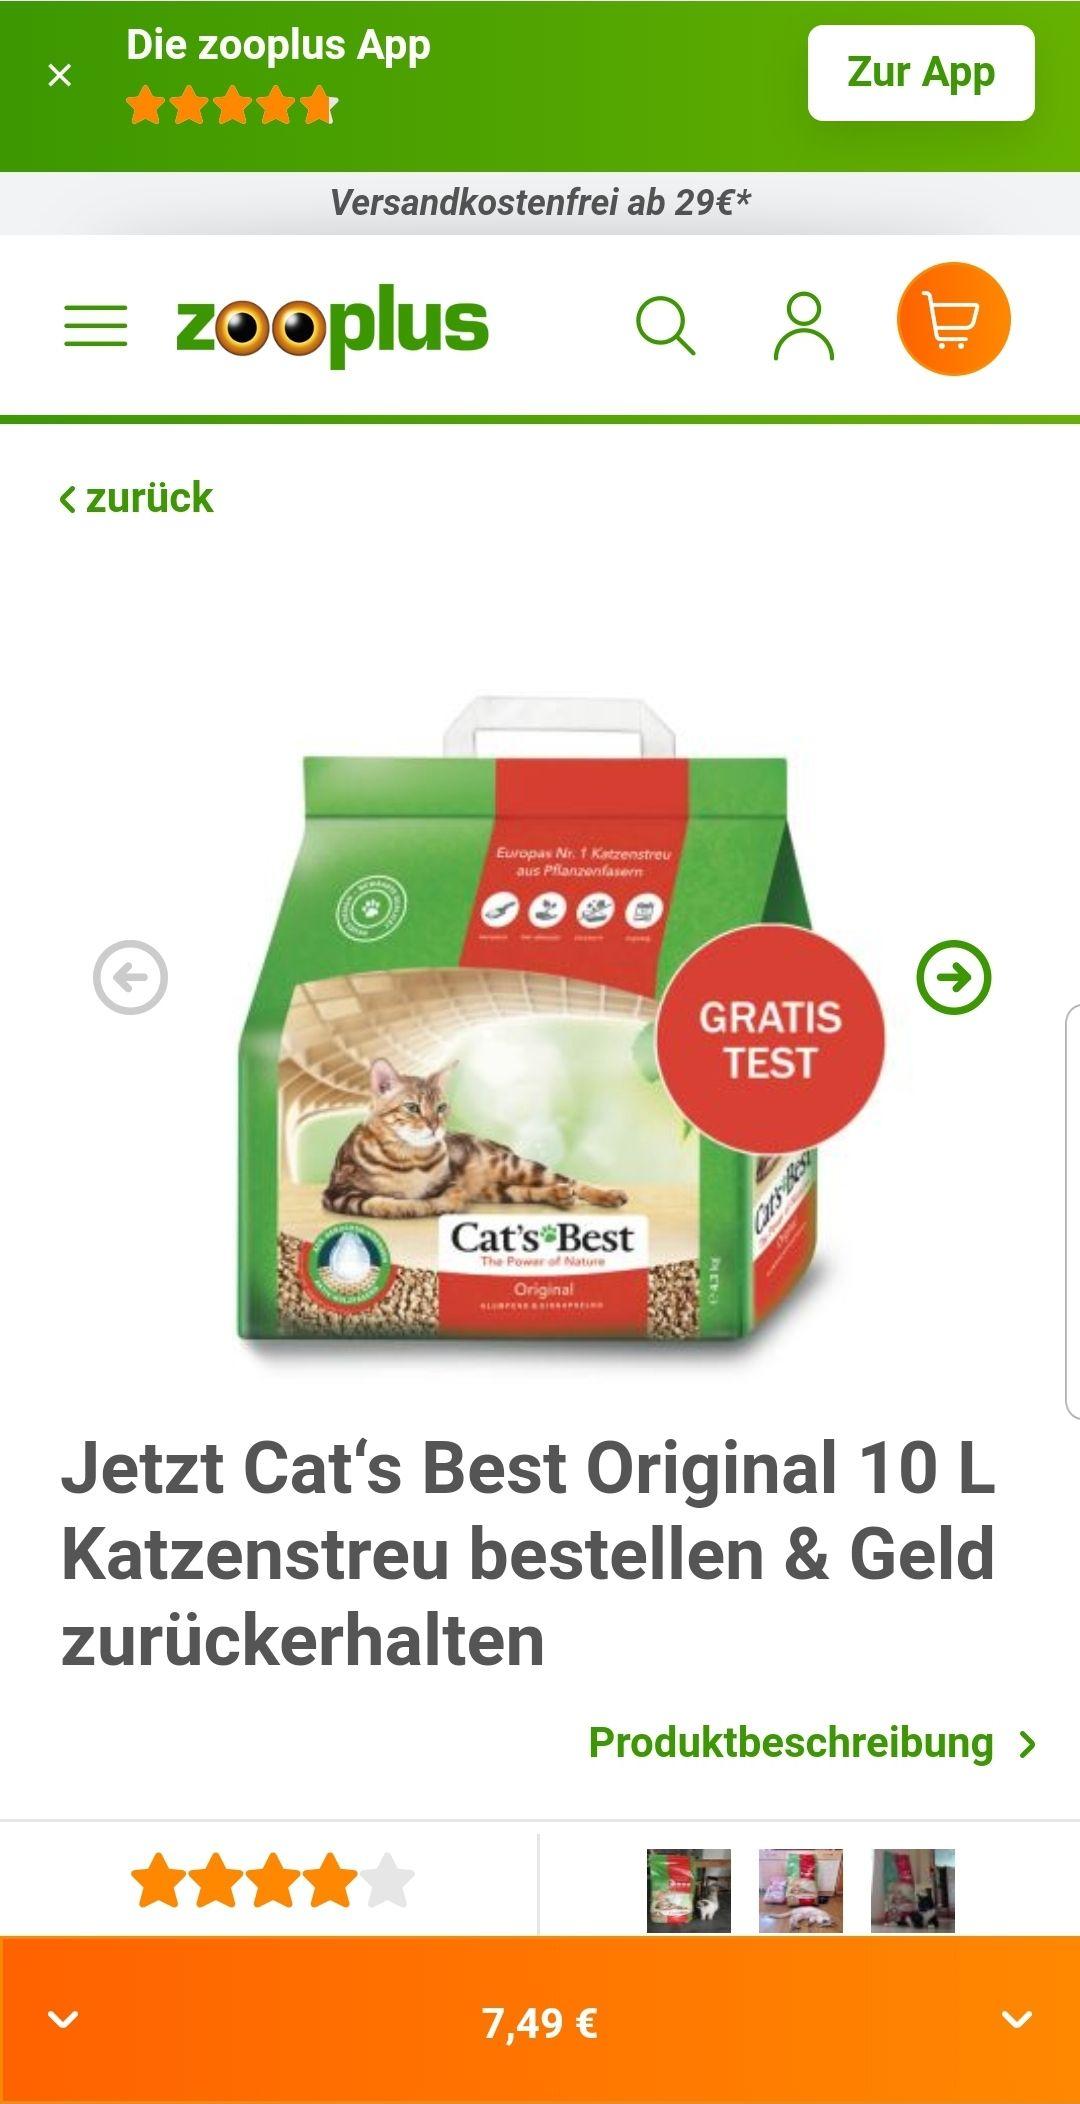 CAT's Best Gratis testen (Gzg) mit Zooplus